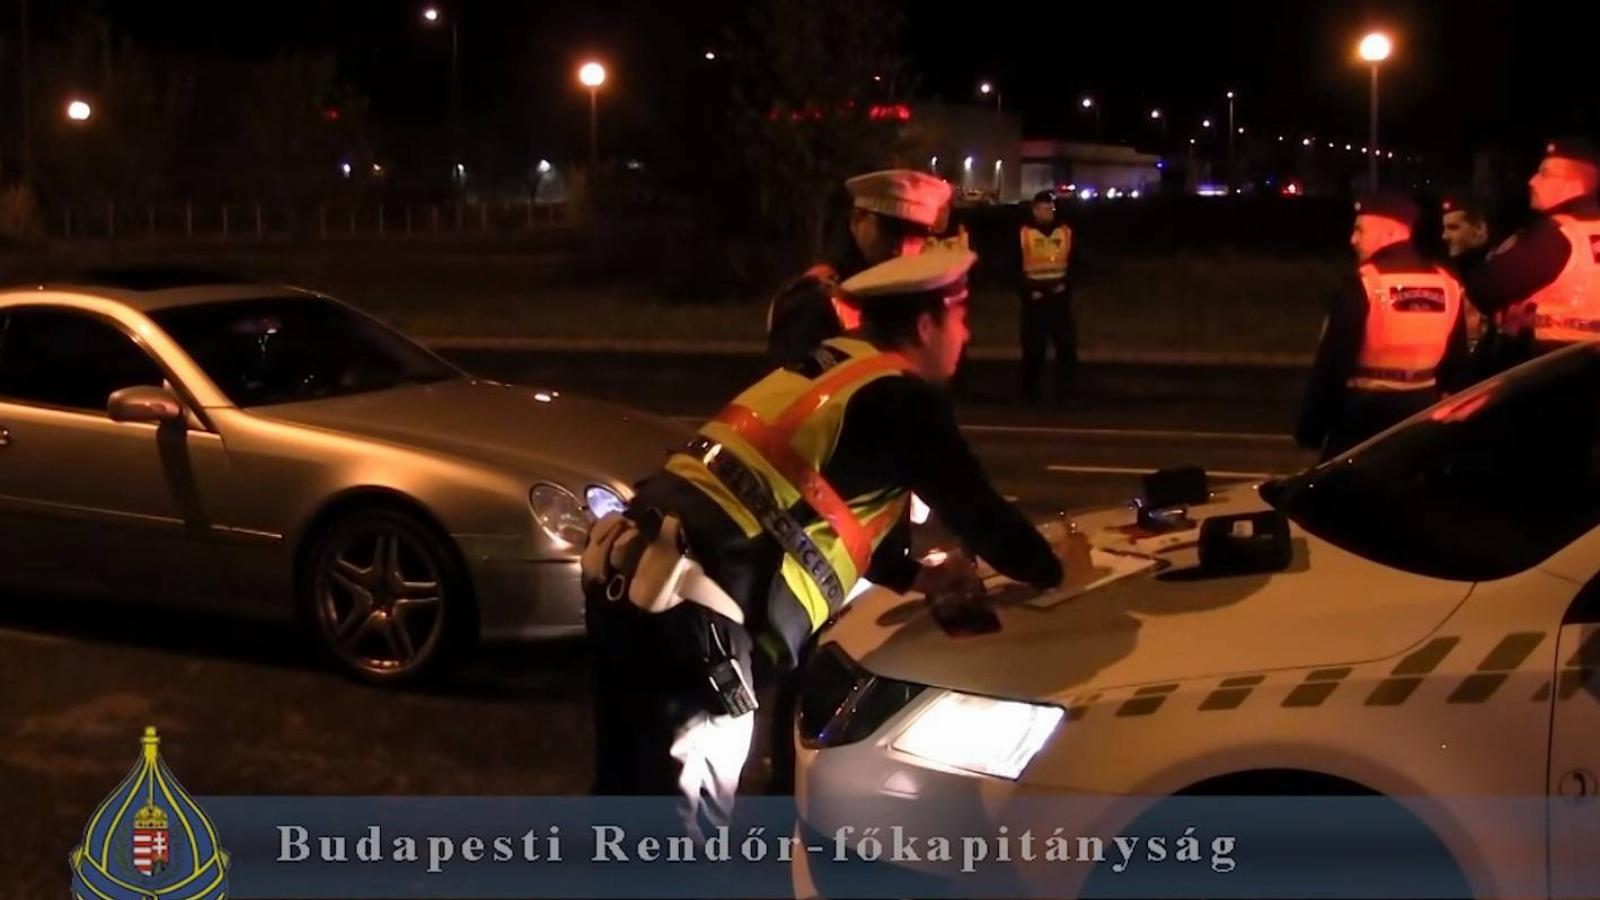 Gyorsulási verseny ellen léptek fel a rendőrök